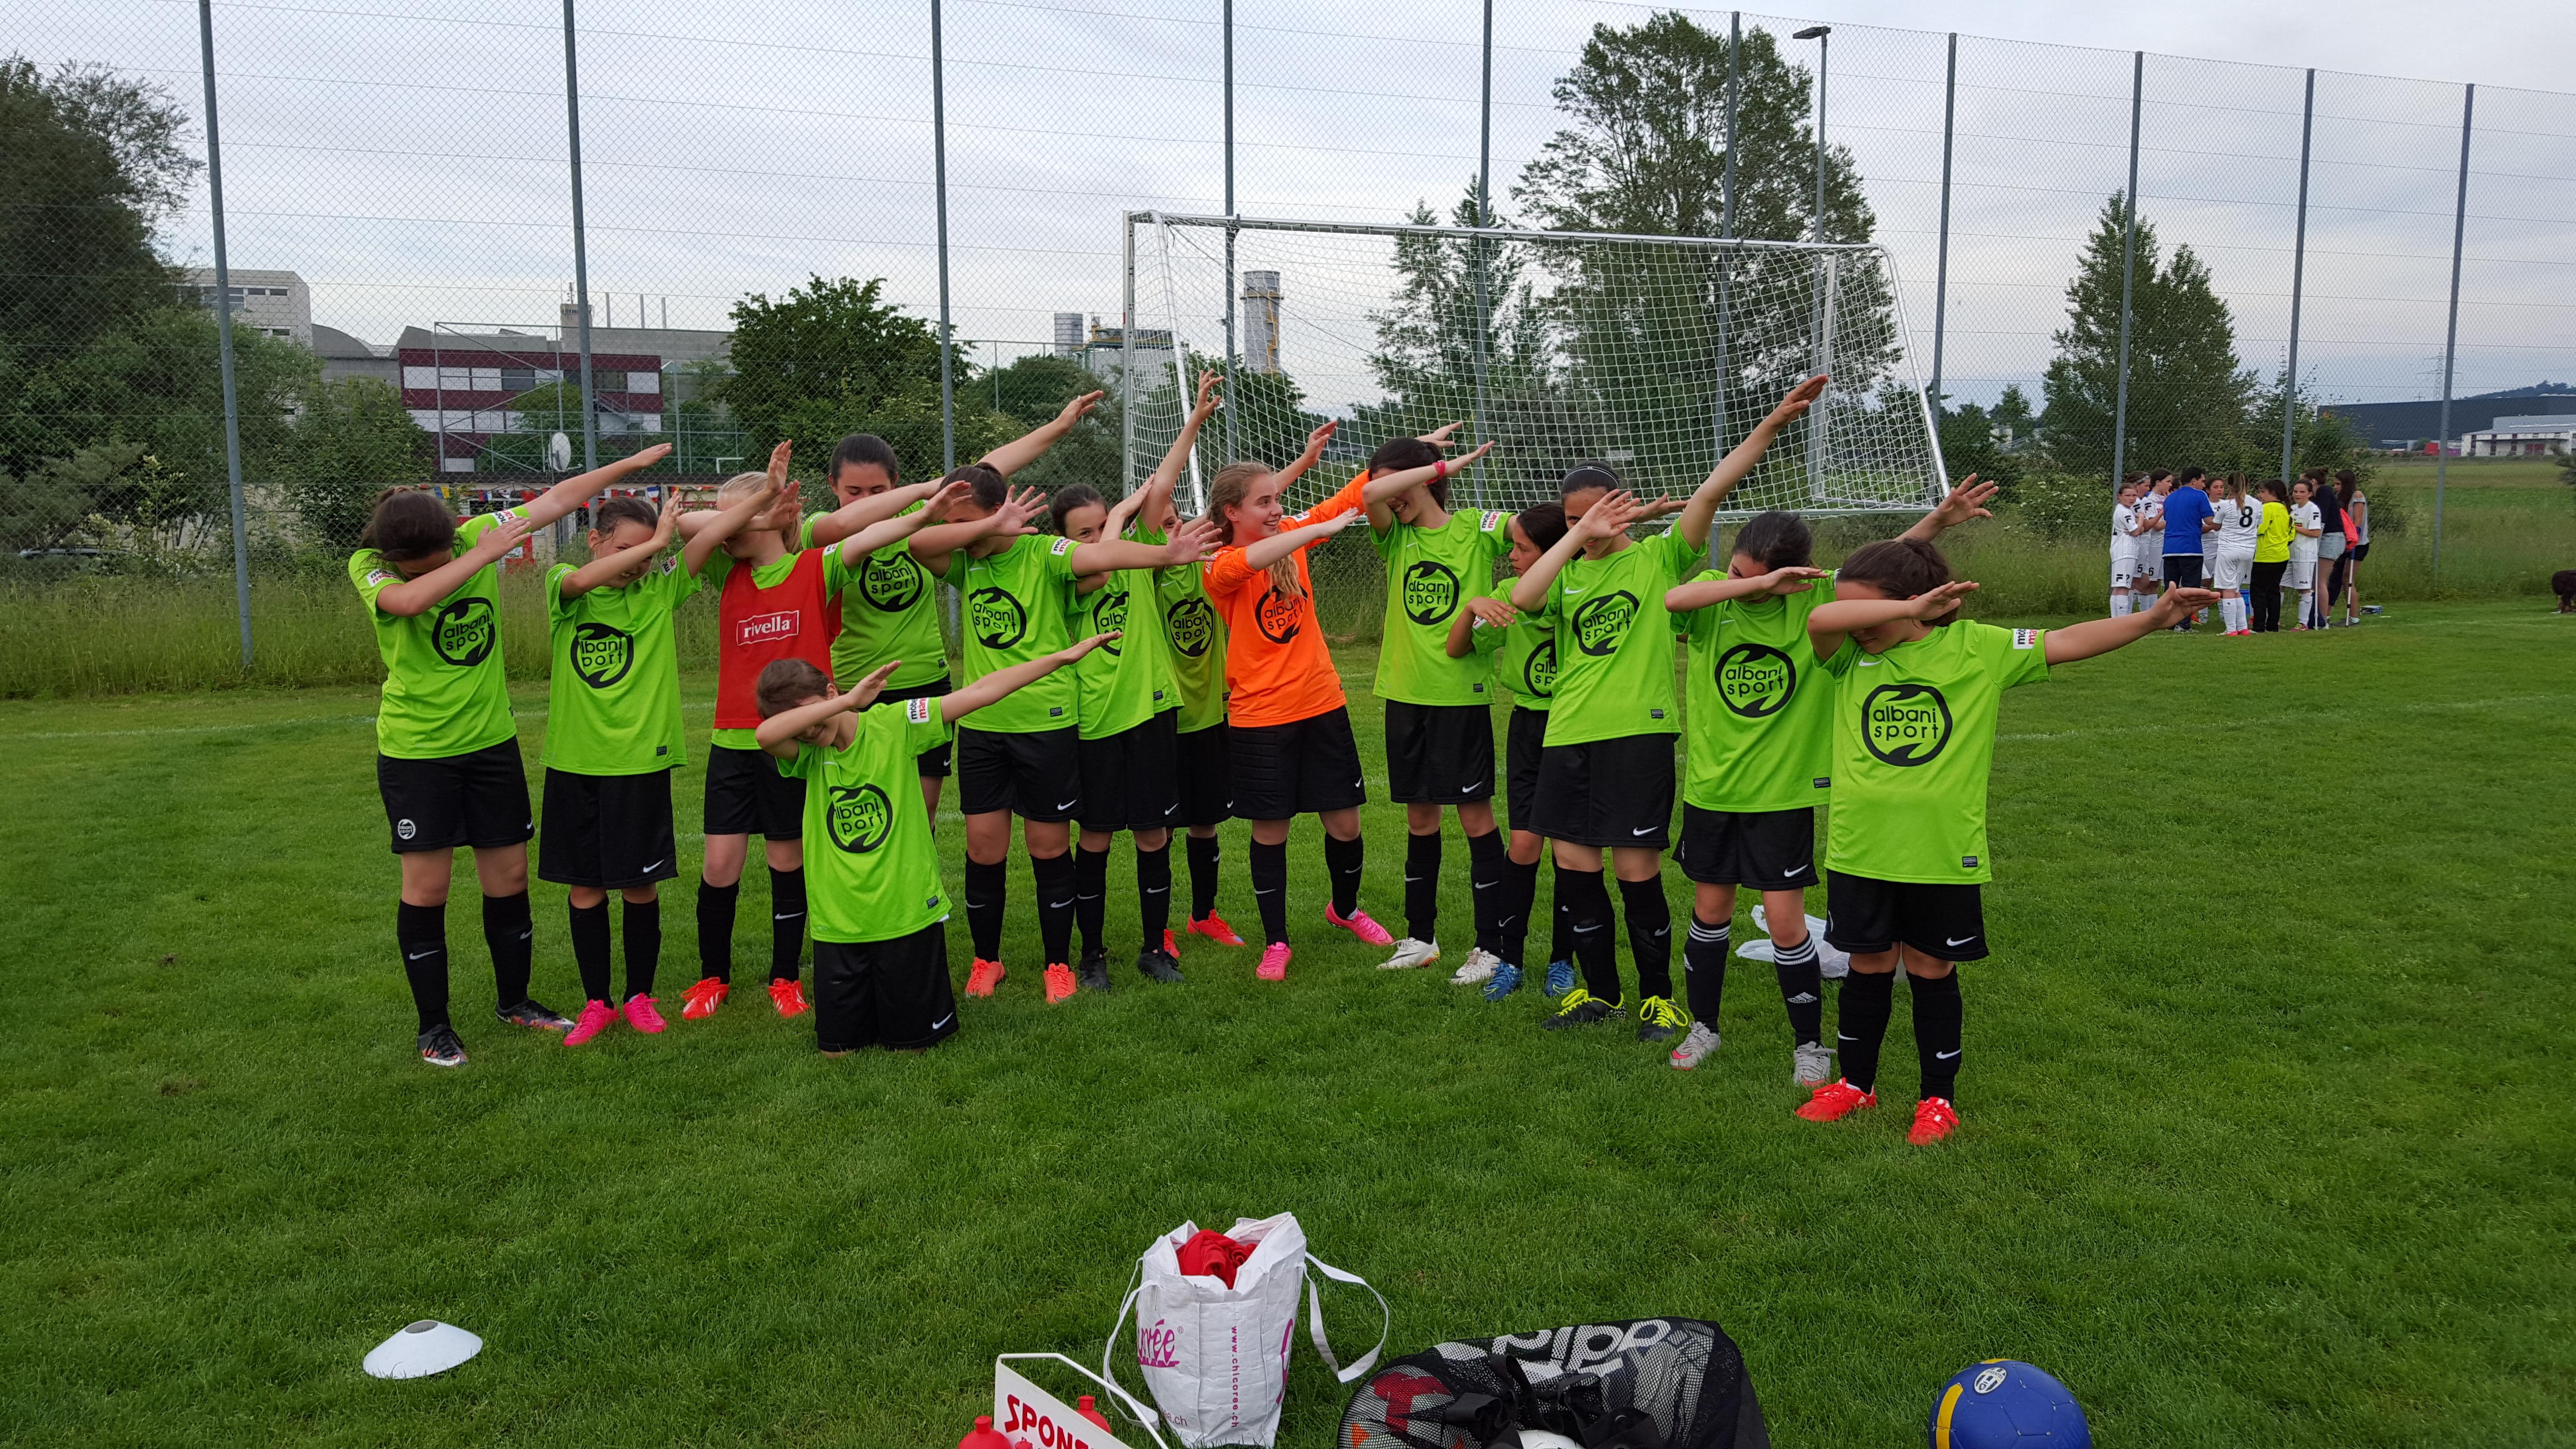 FC-Birr_Erster_Sieg_unserer_Juniorinnen_20160610_200551